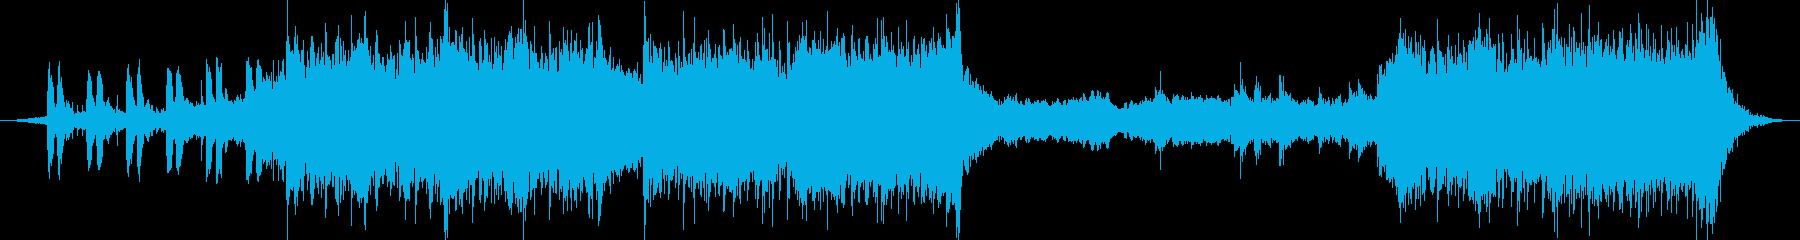 逃走シーン、追いかけるシーンのBGMの再生済みの波形